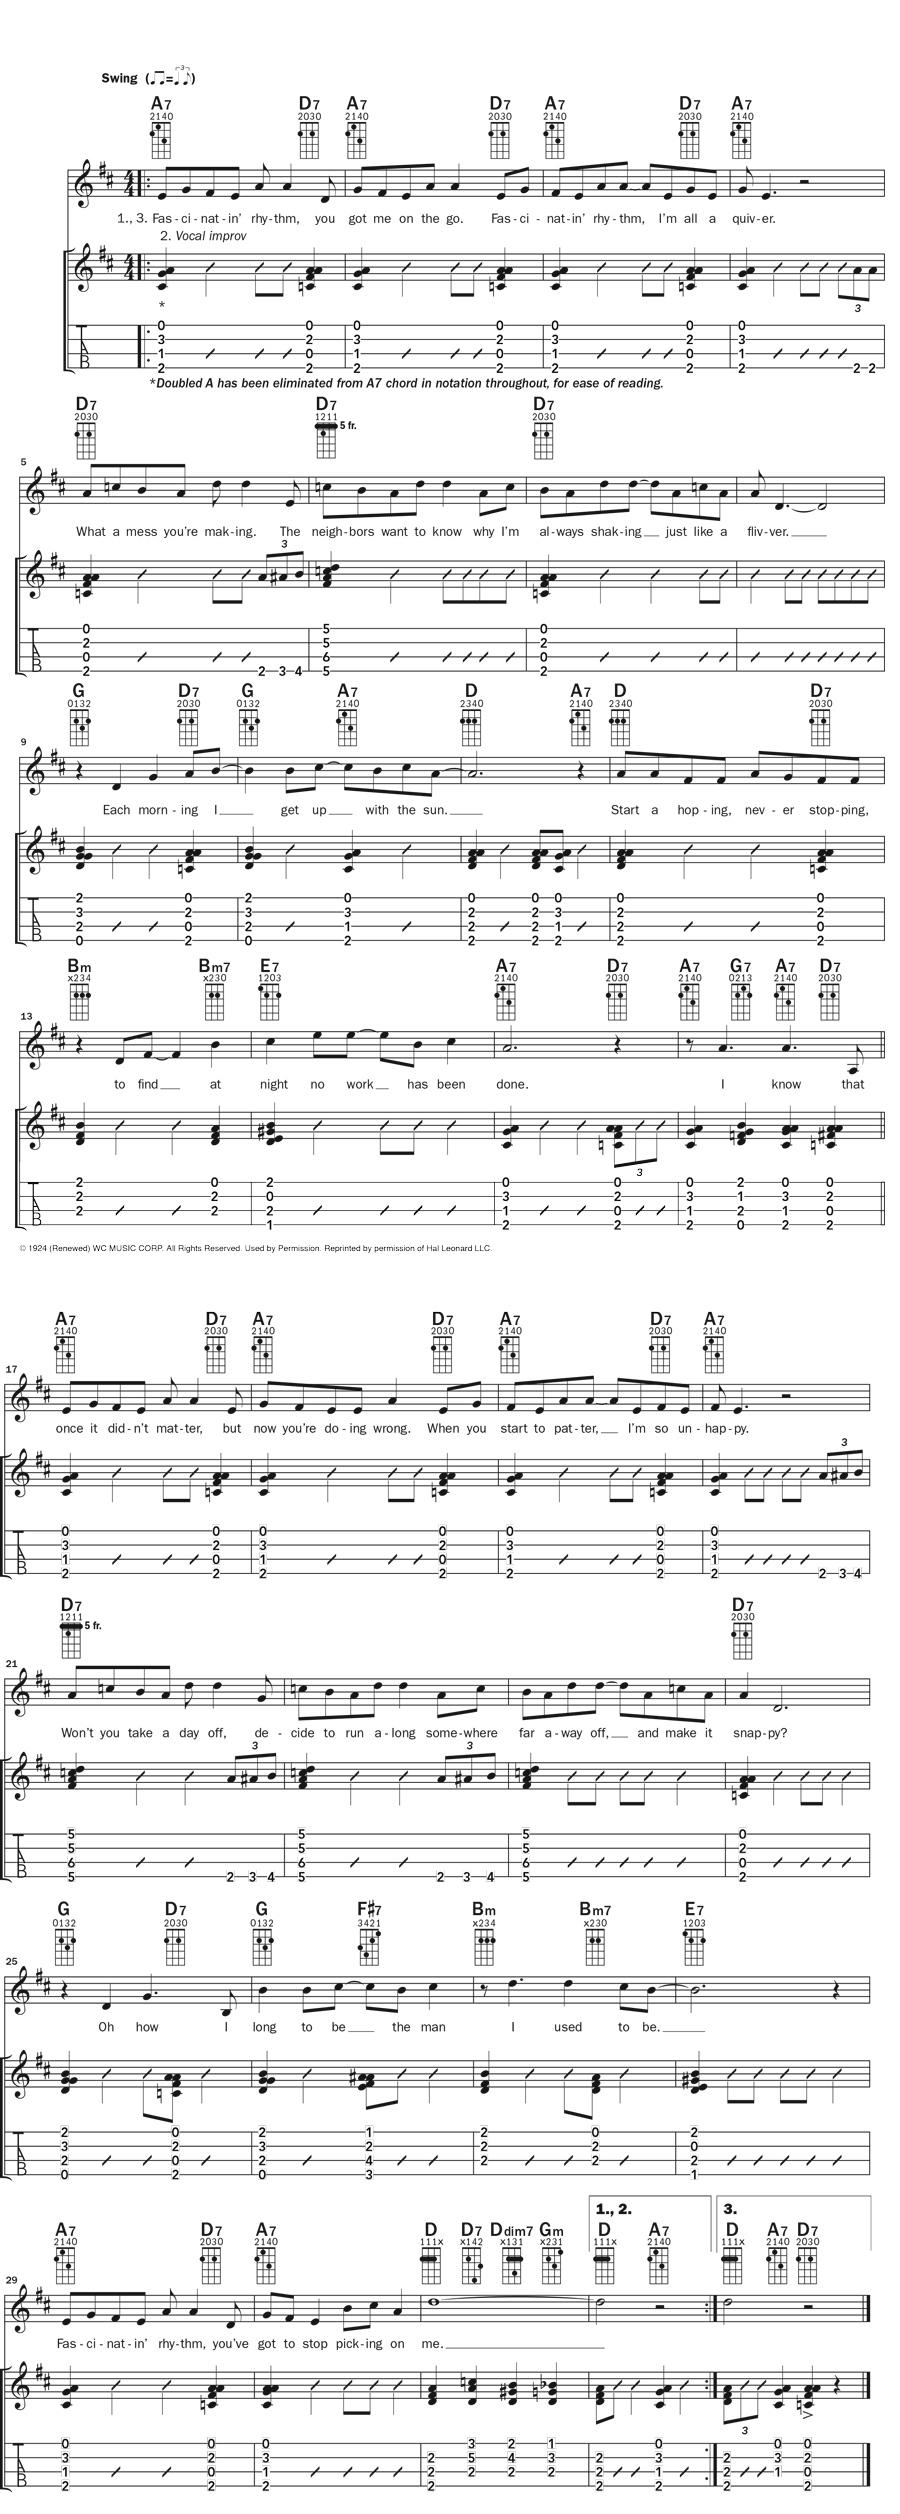 Ukulele music notation for Fascinating Rhythm